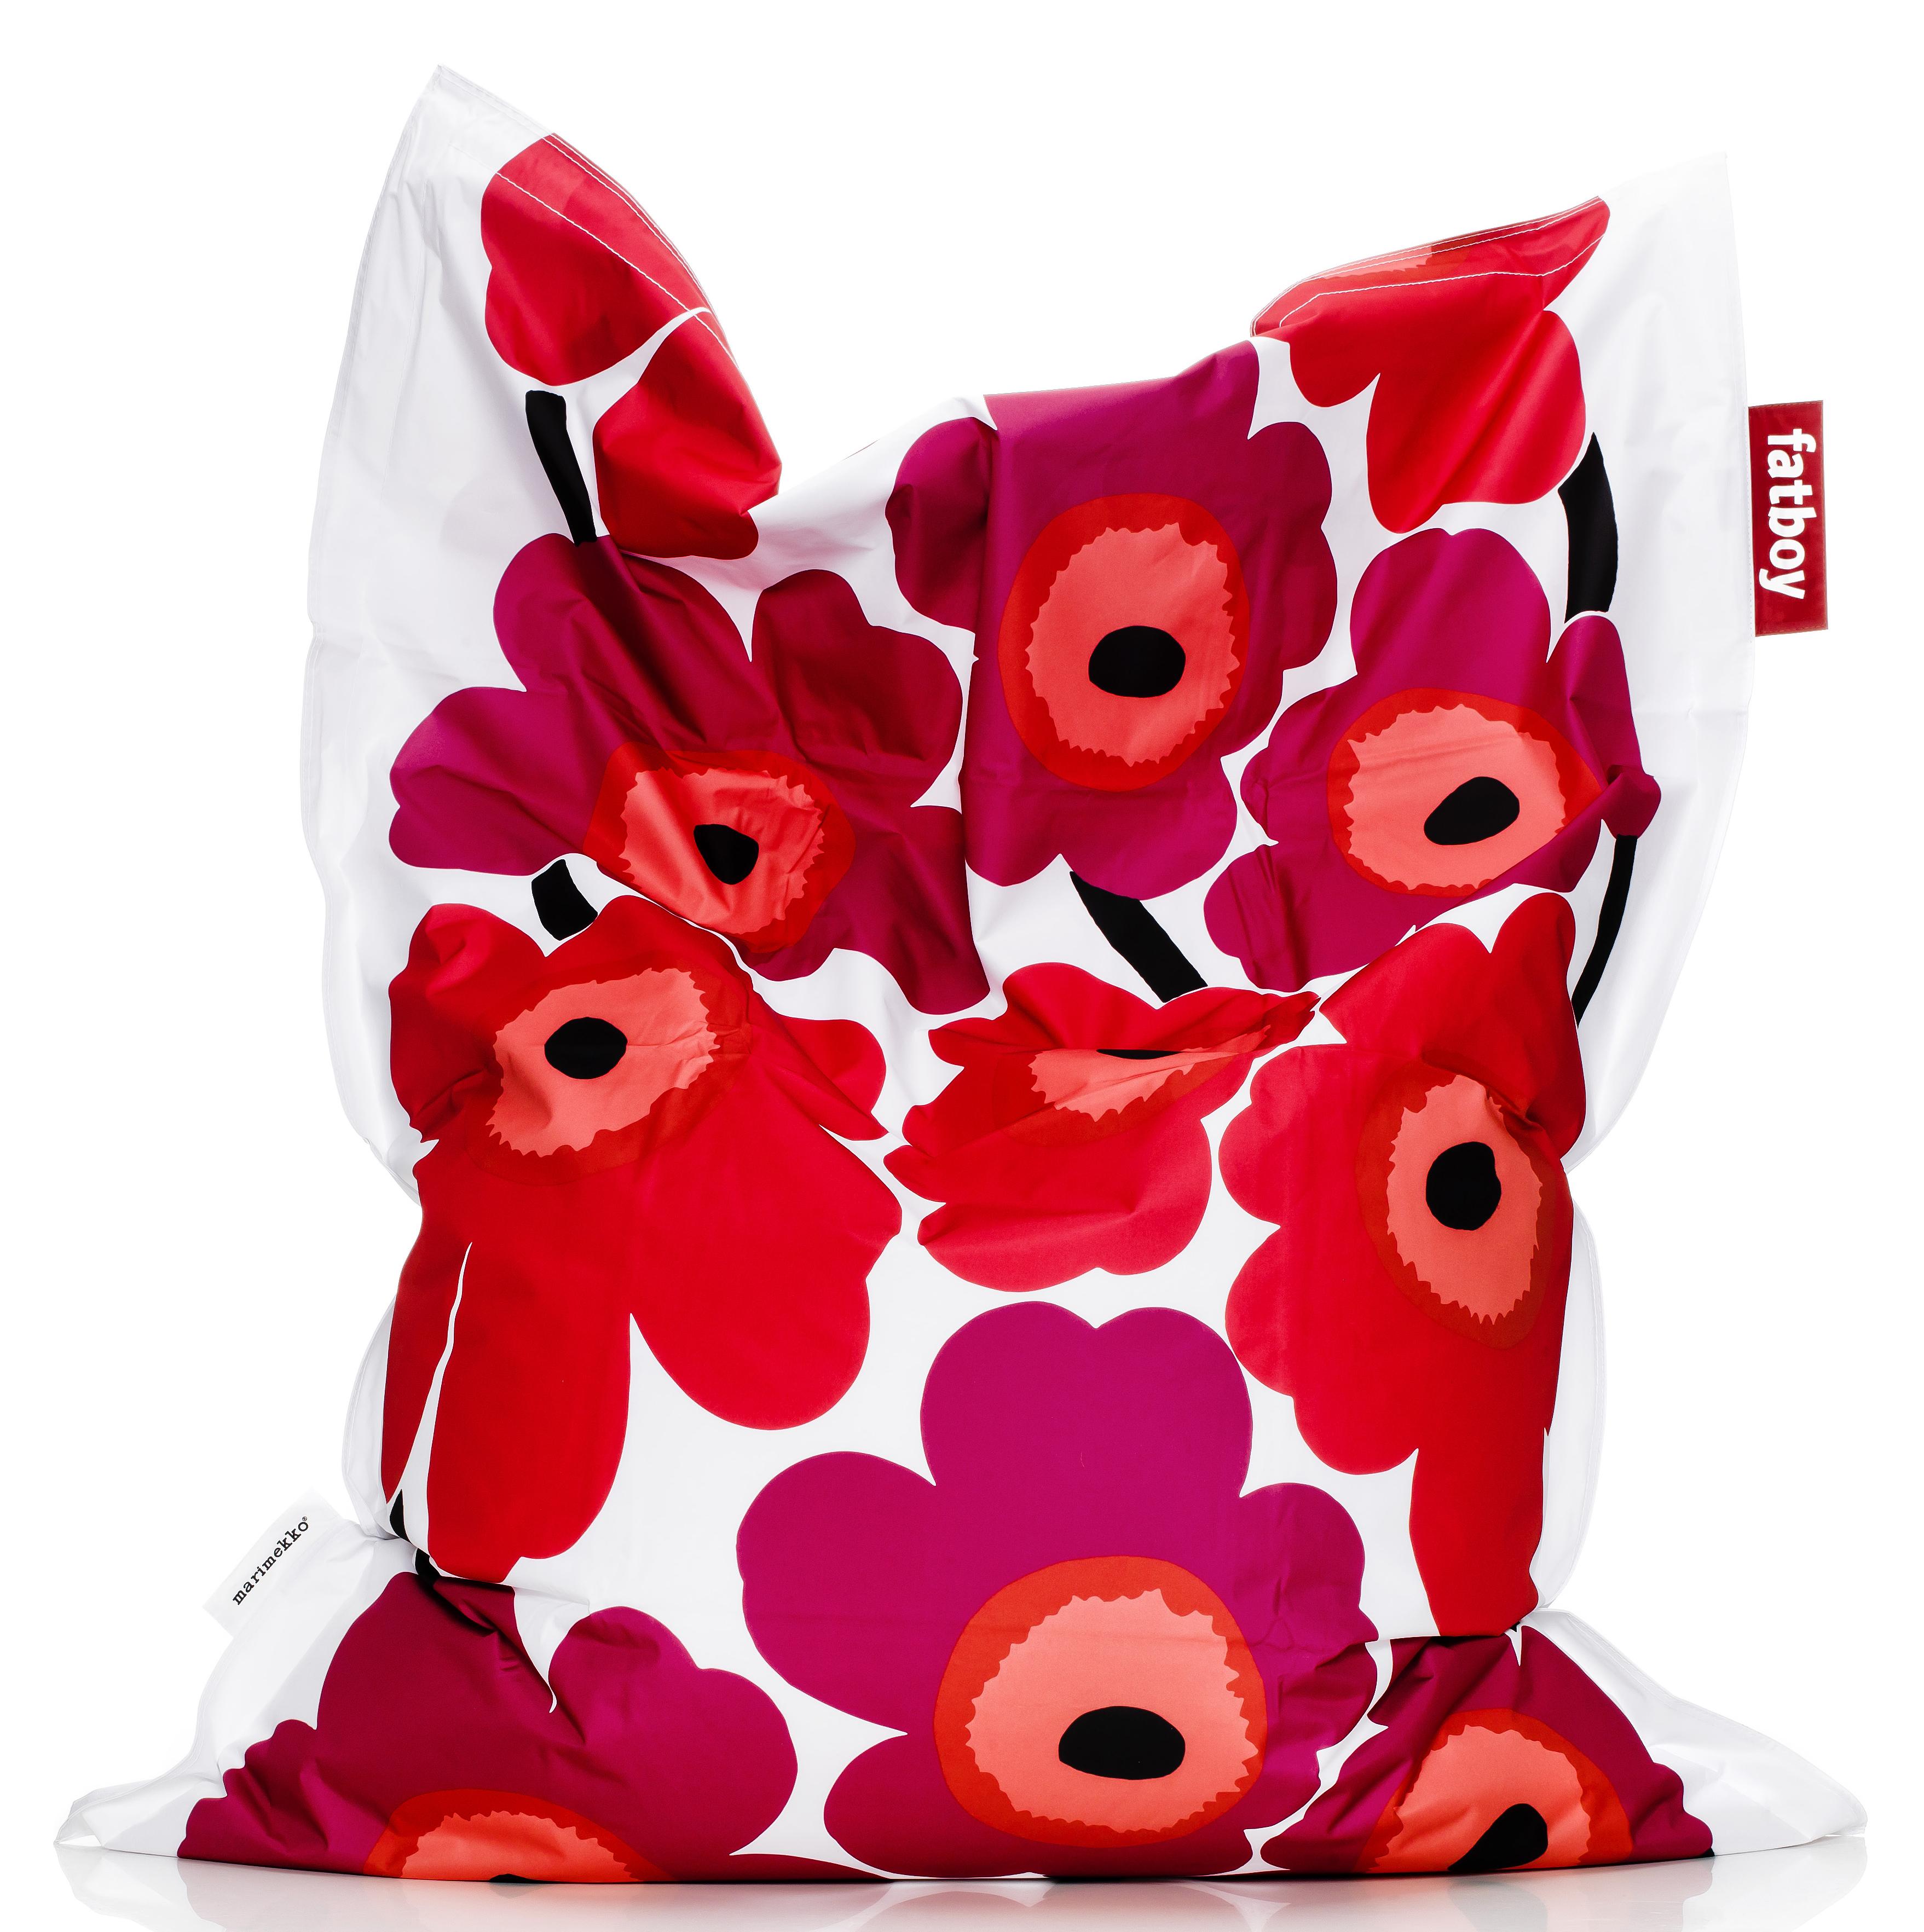 Fatboy Marimekko Original Bean Bag